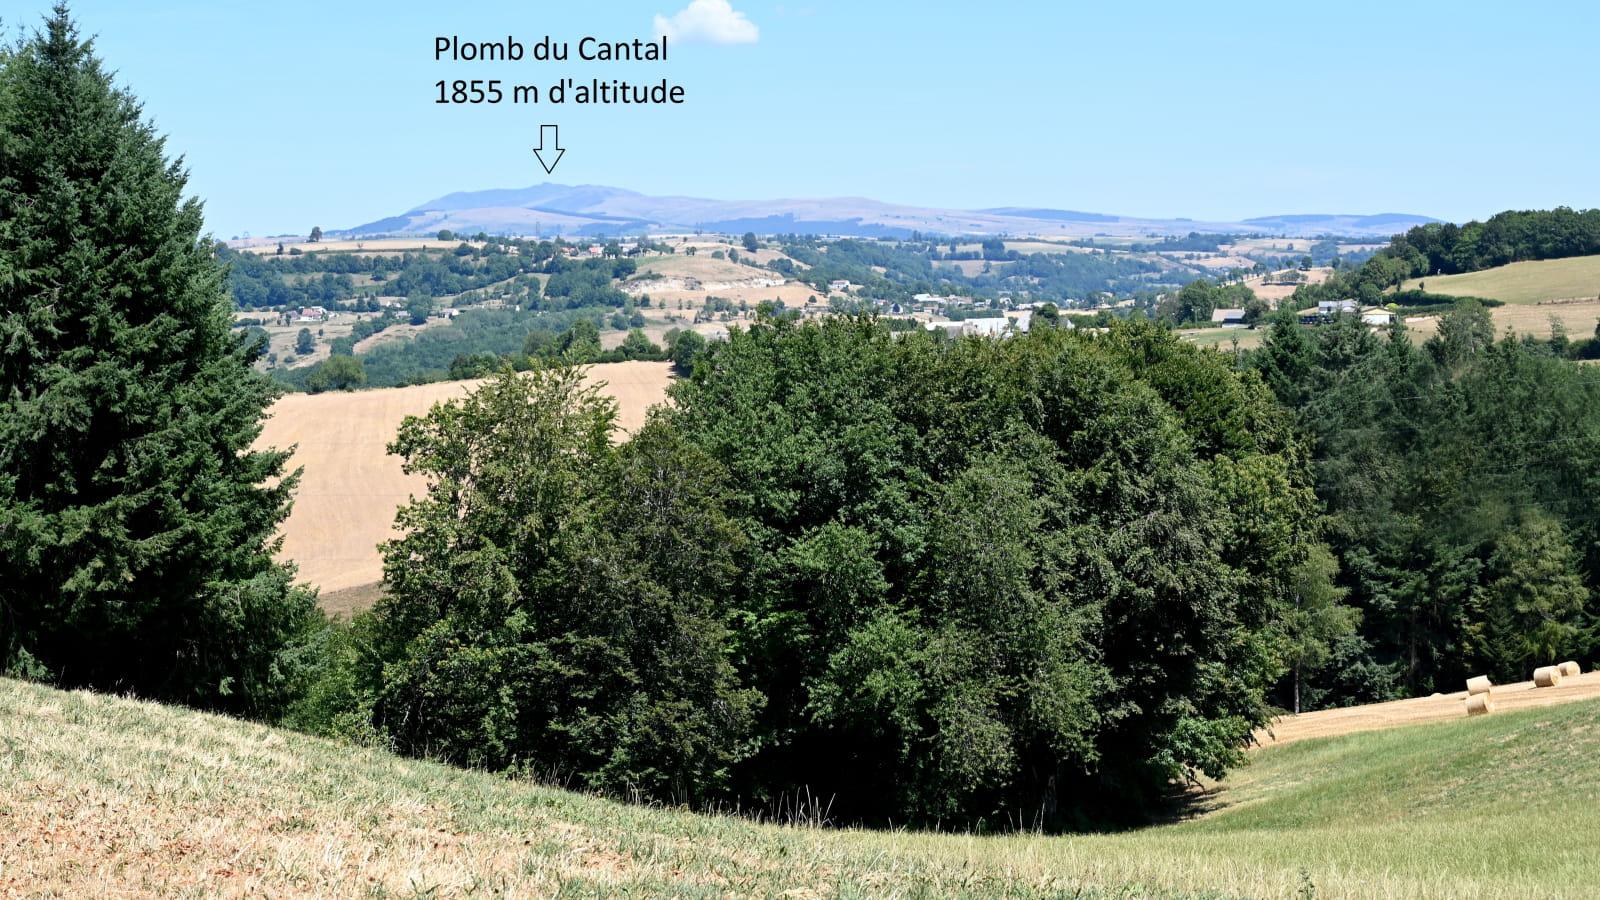 Point de vue sur les Monts du Cantal